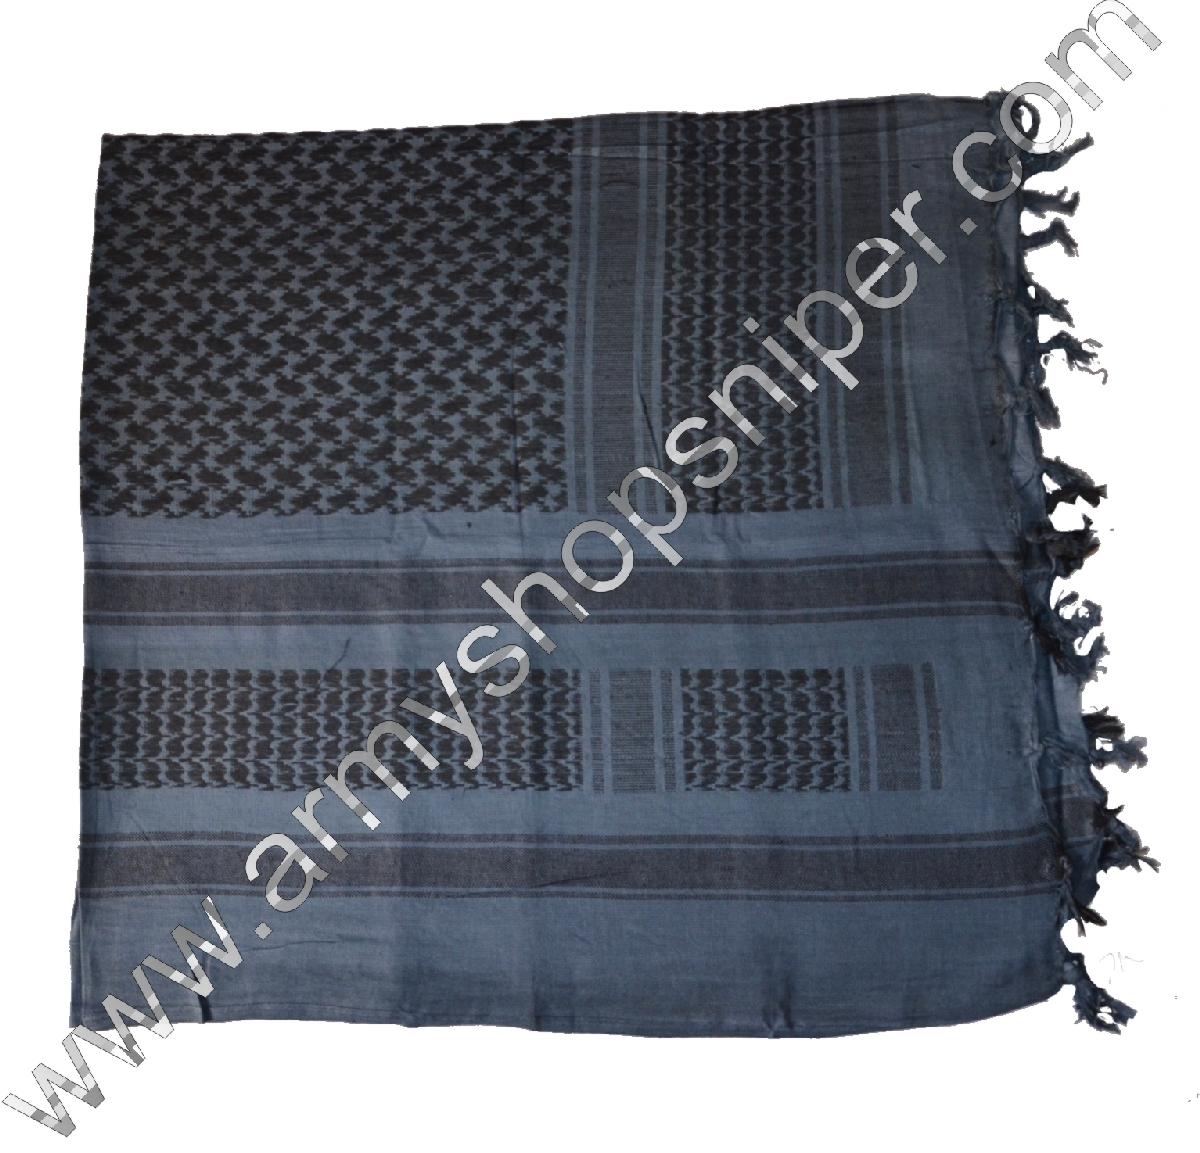 Shemag, palestina modro/černý